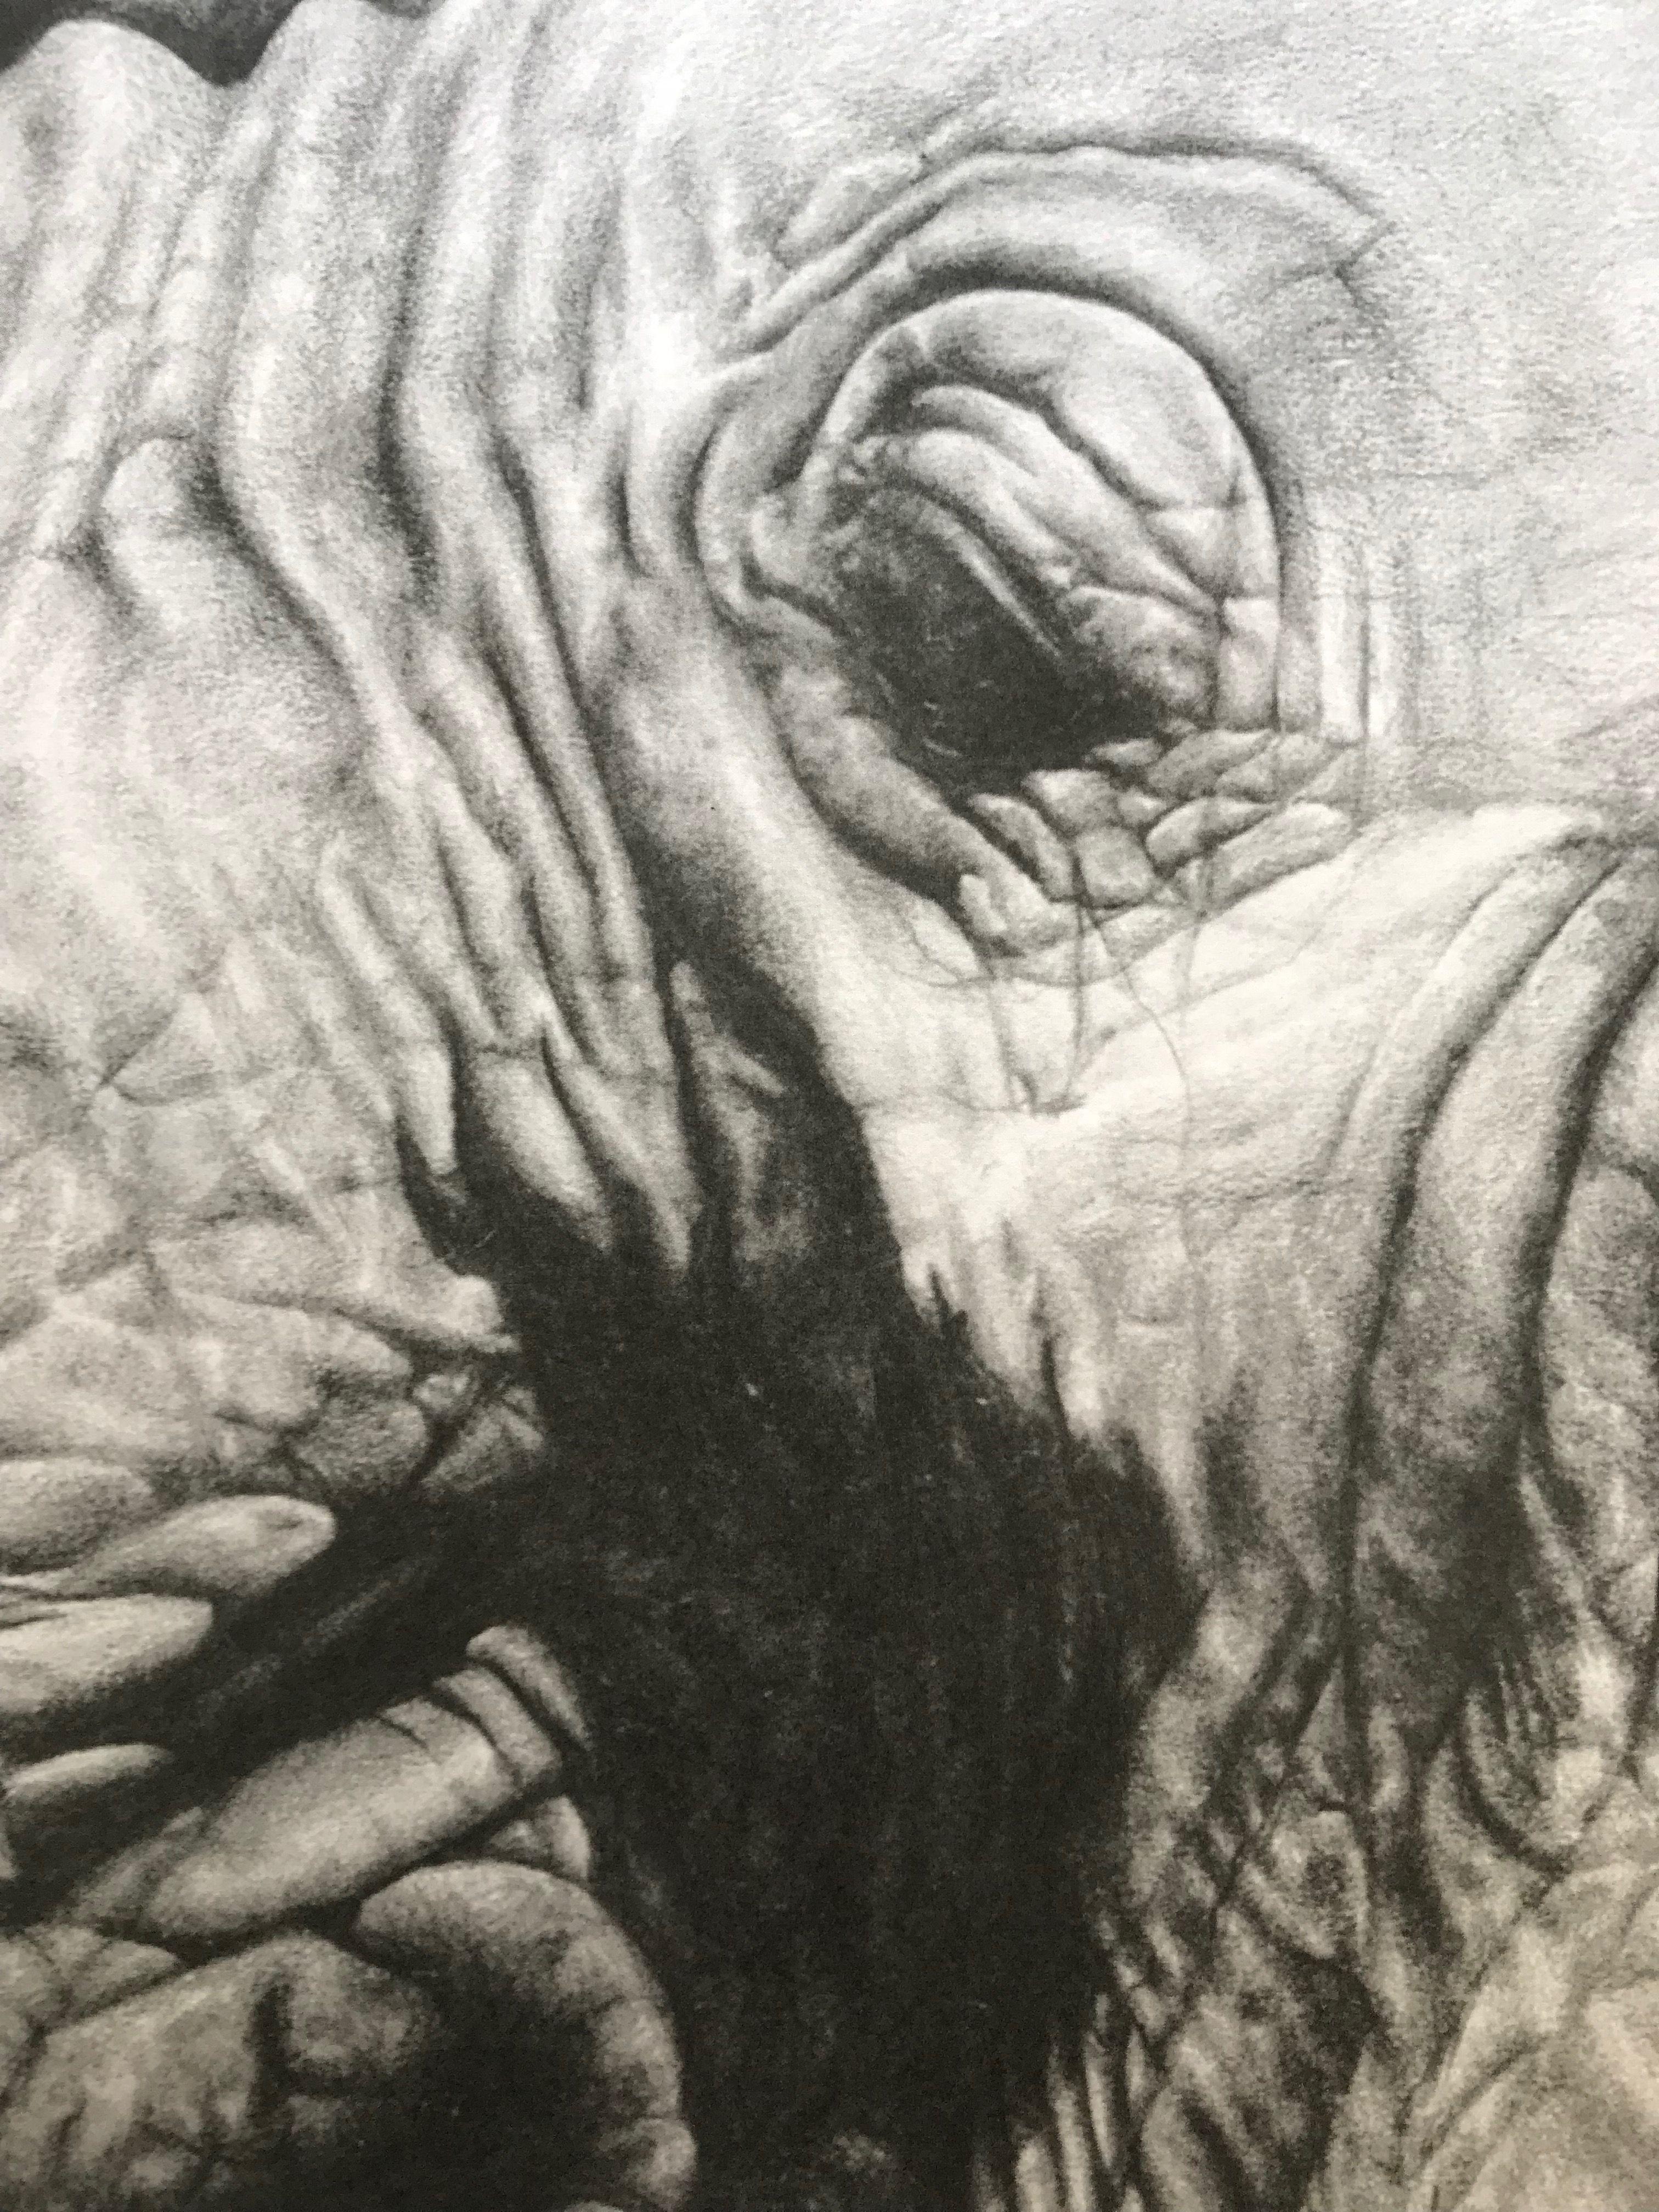 da81706b5e3d Detail of elephant